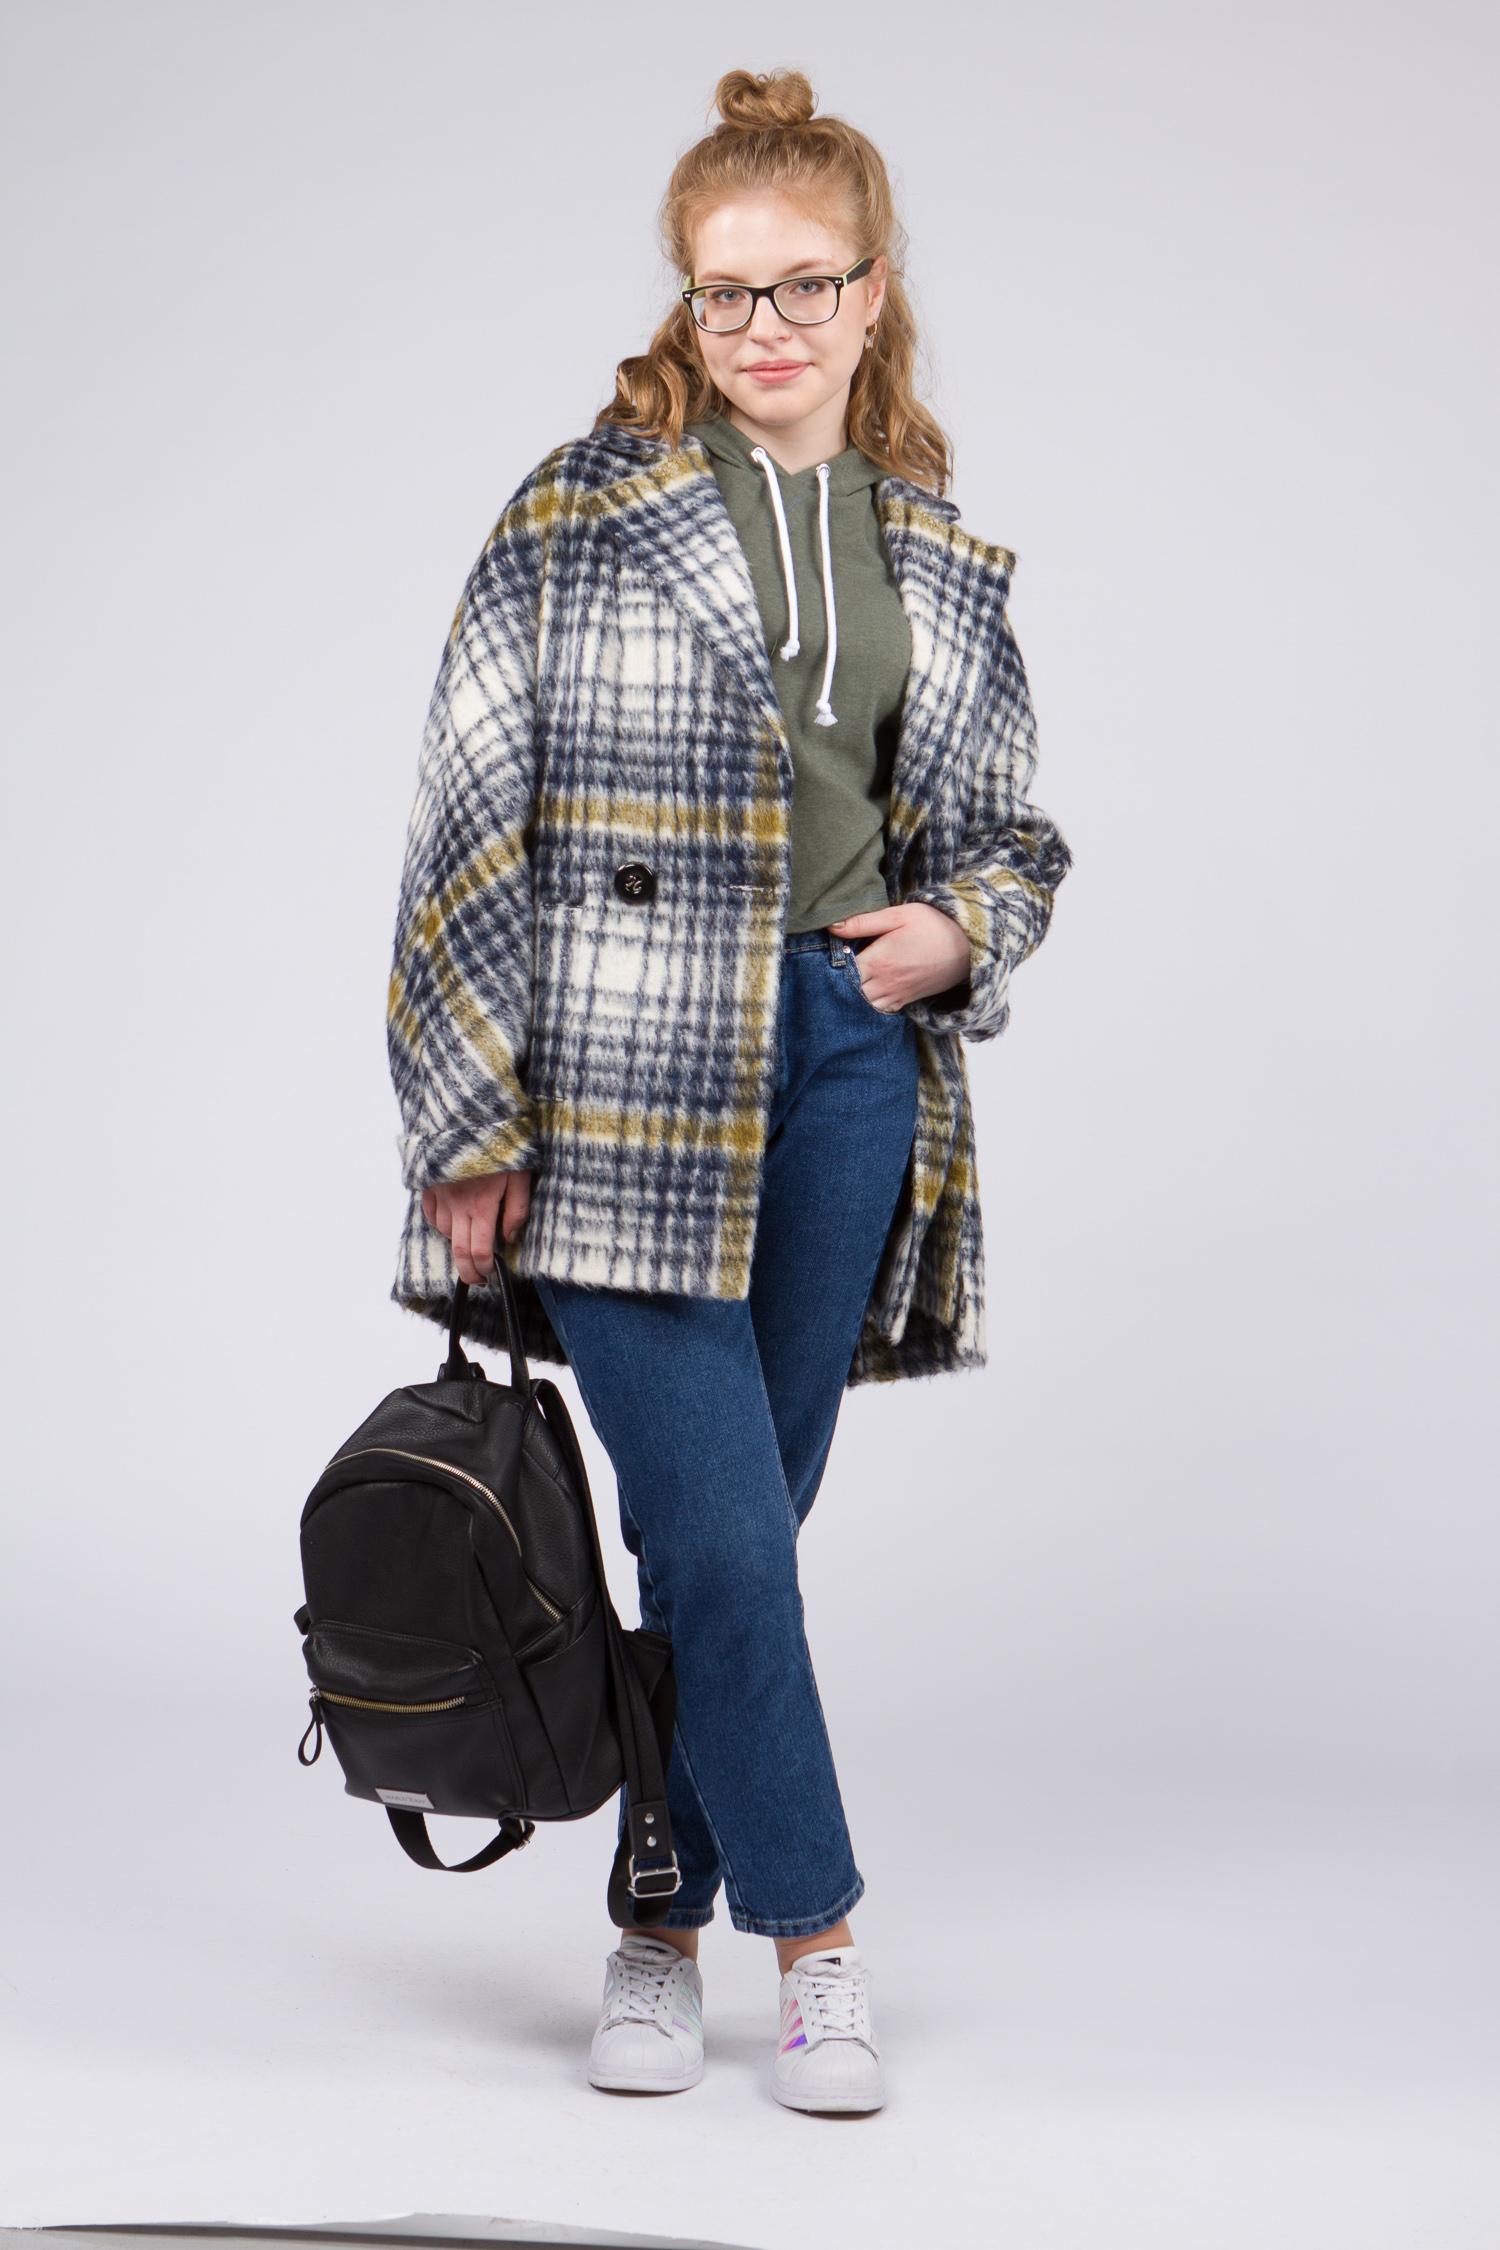 Женское пальто с воротником, без отделки. Производитель: Московская Меховая Компания, артикул: 8781